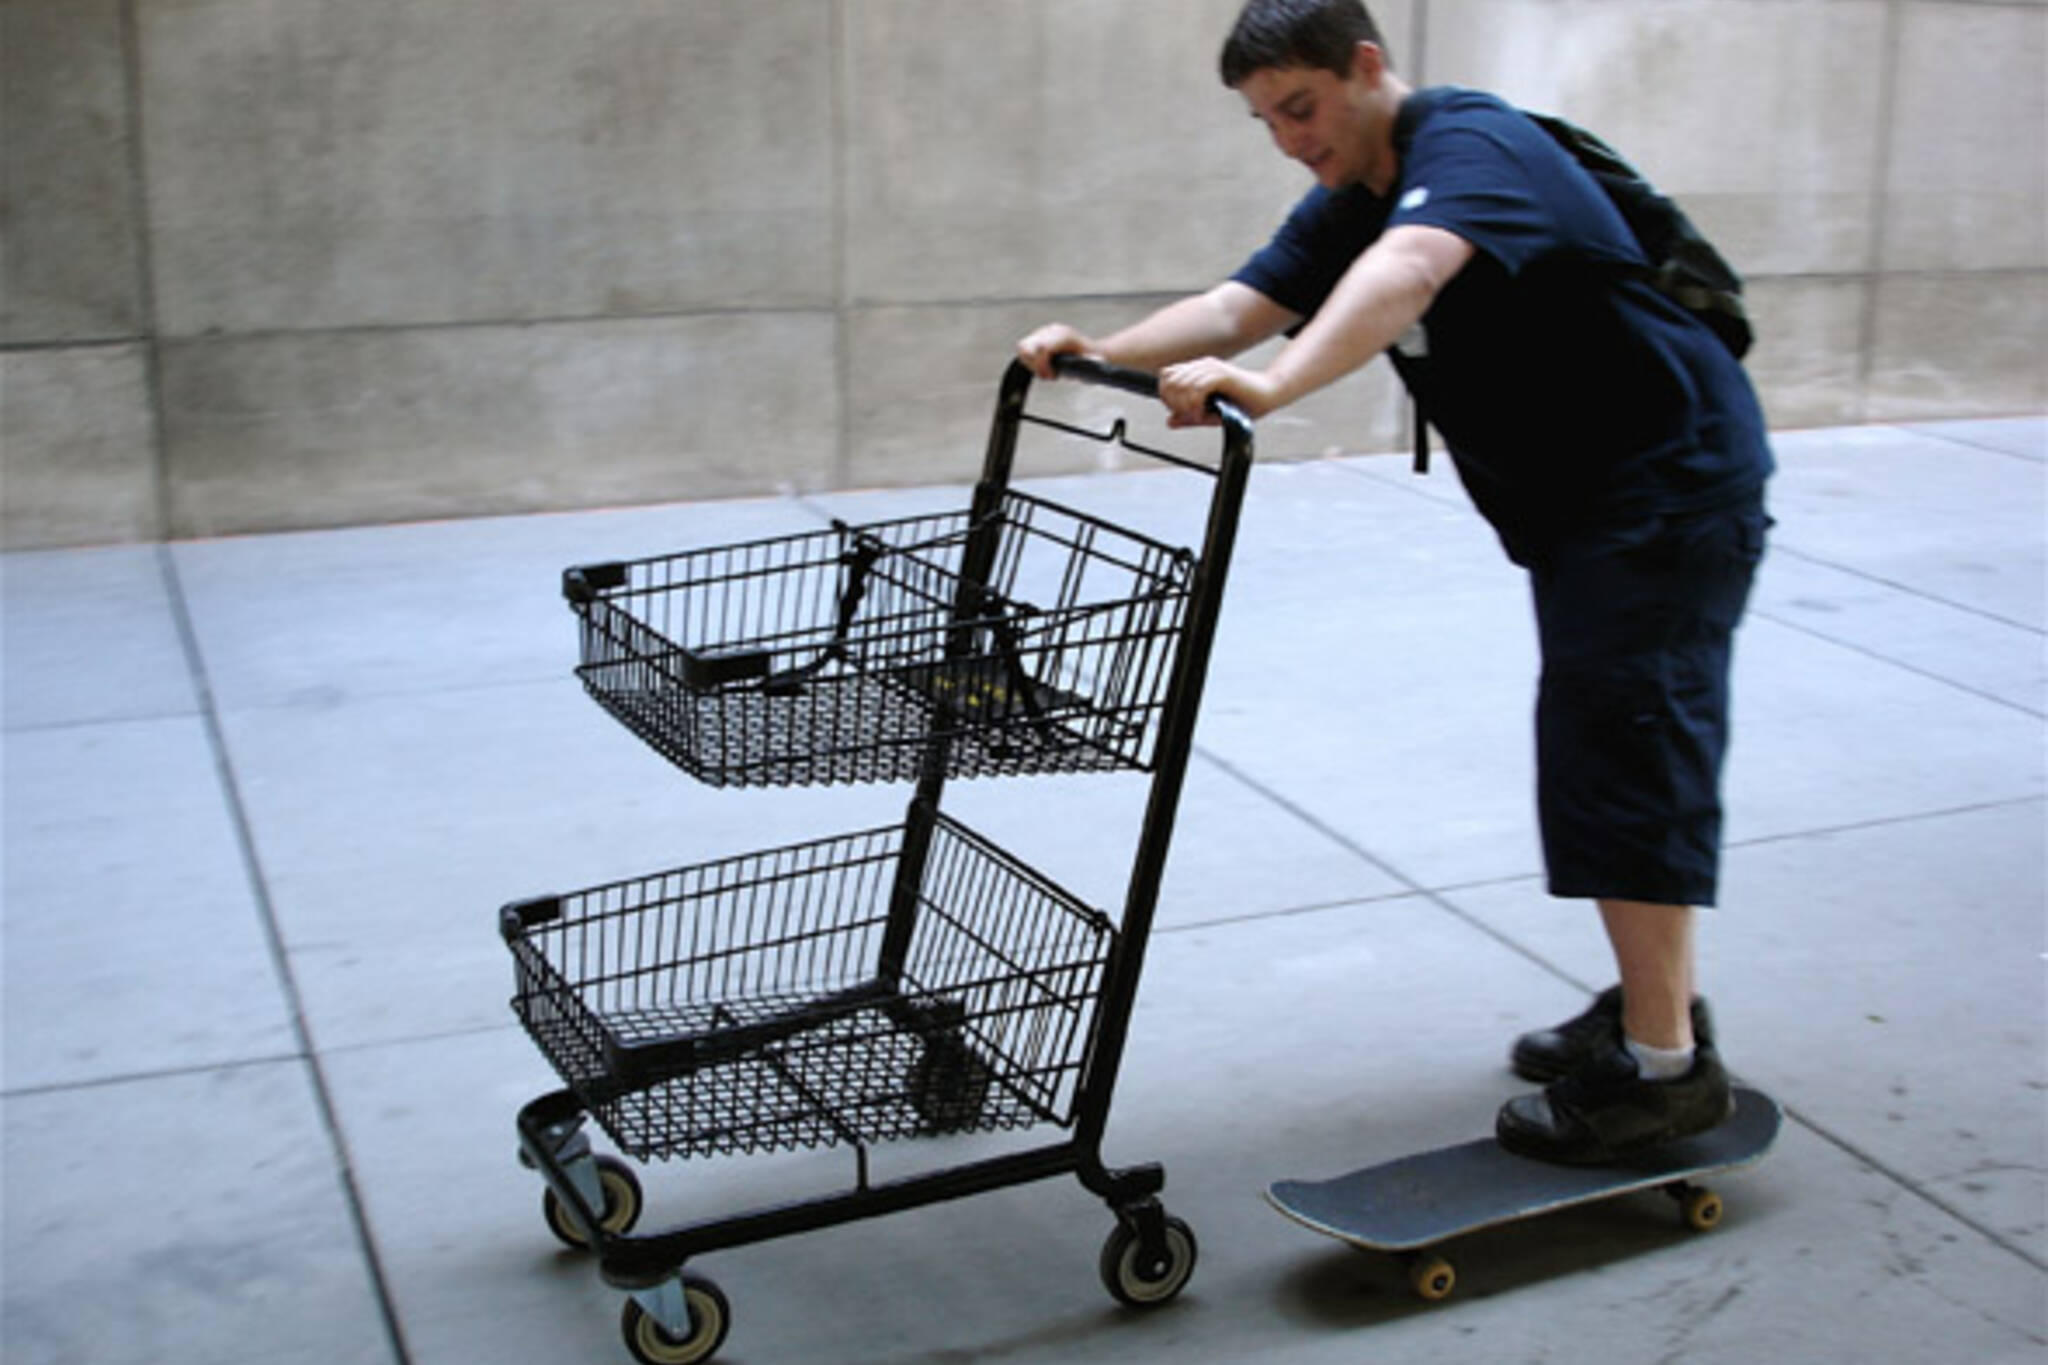 Idiotarod shopping cart race practice